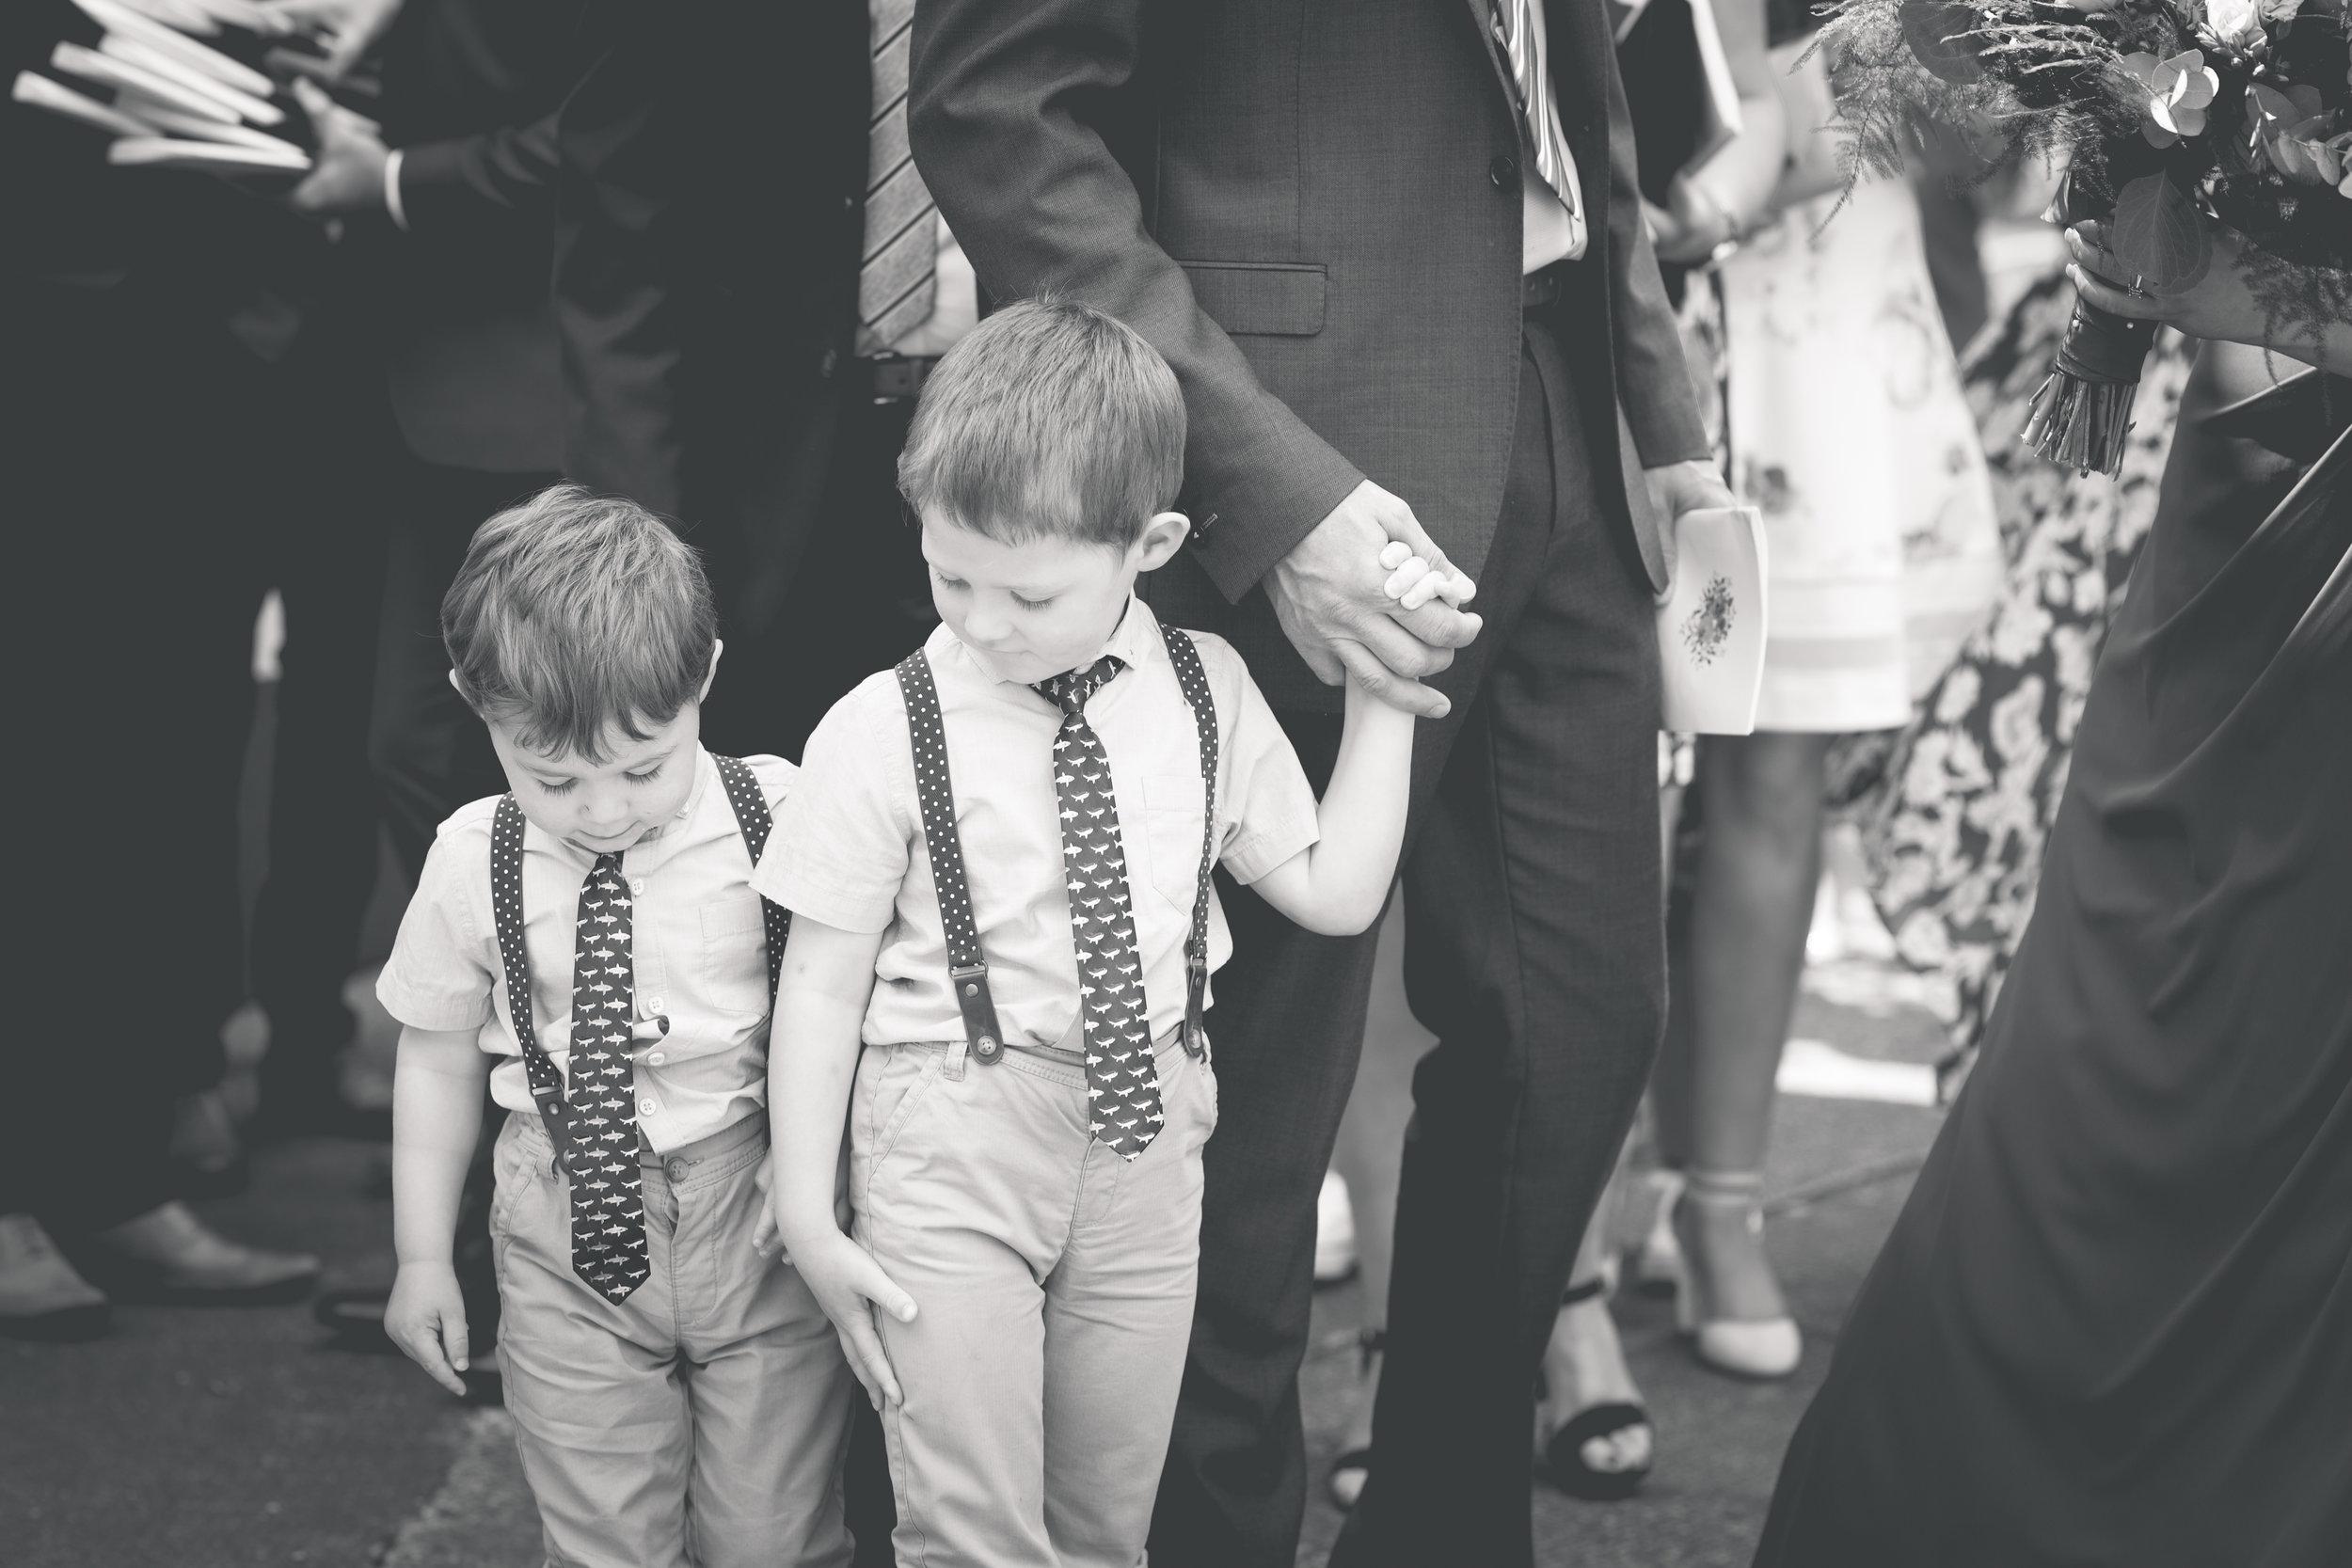 Brian McEwan Wedding Photography   Carol-Anne & Sean   The Ceremony-103.jpg